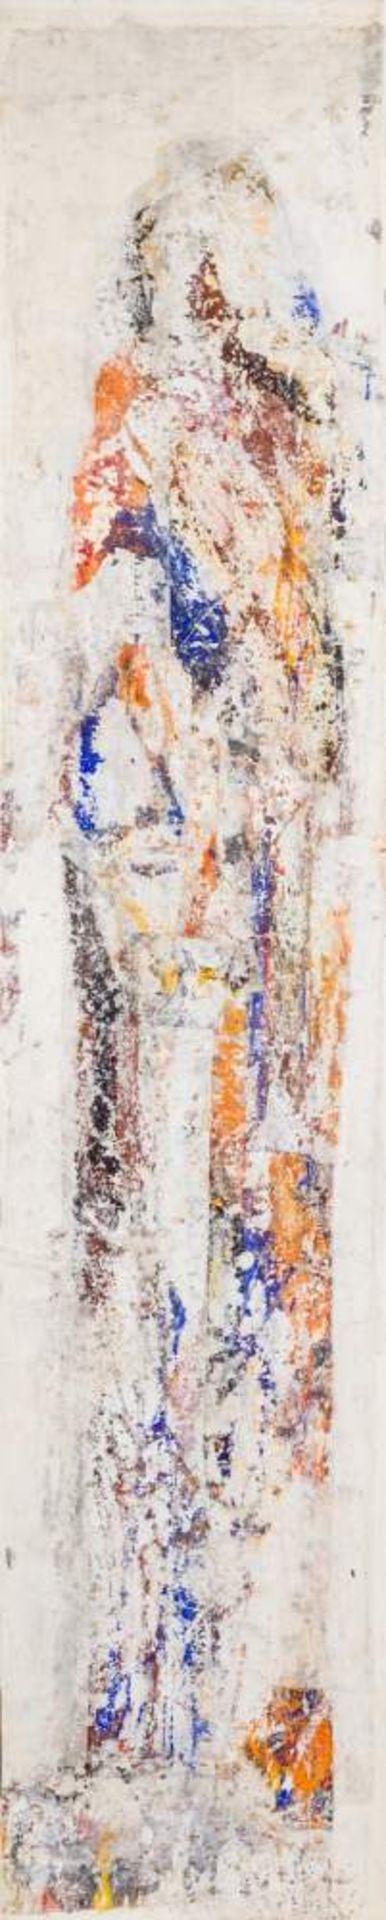 Valentin Oman (St. Stefan bei Villach 1935 geb.)  Okameneli Spomini Mischtechnik auf Leinwand 200